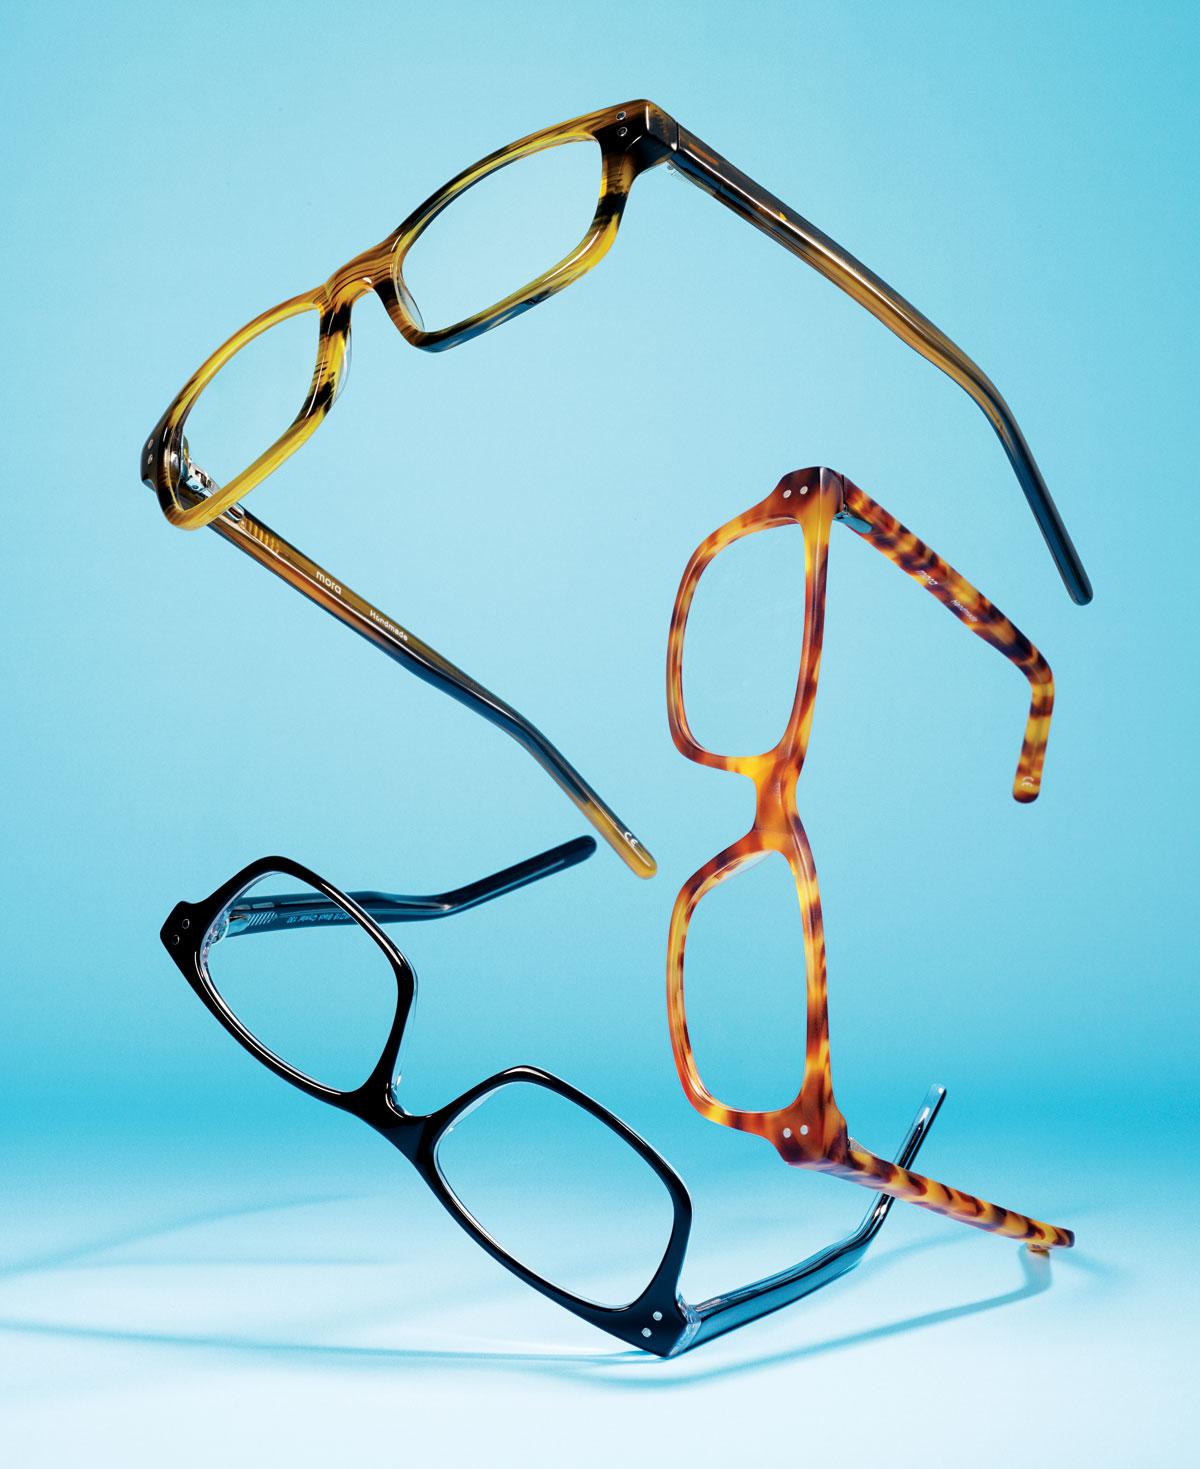 Lunette Optic Mora Glasses